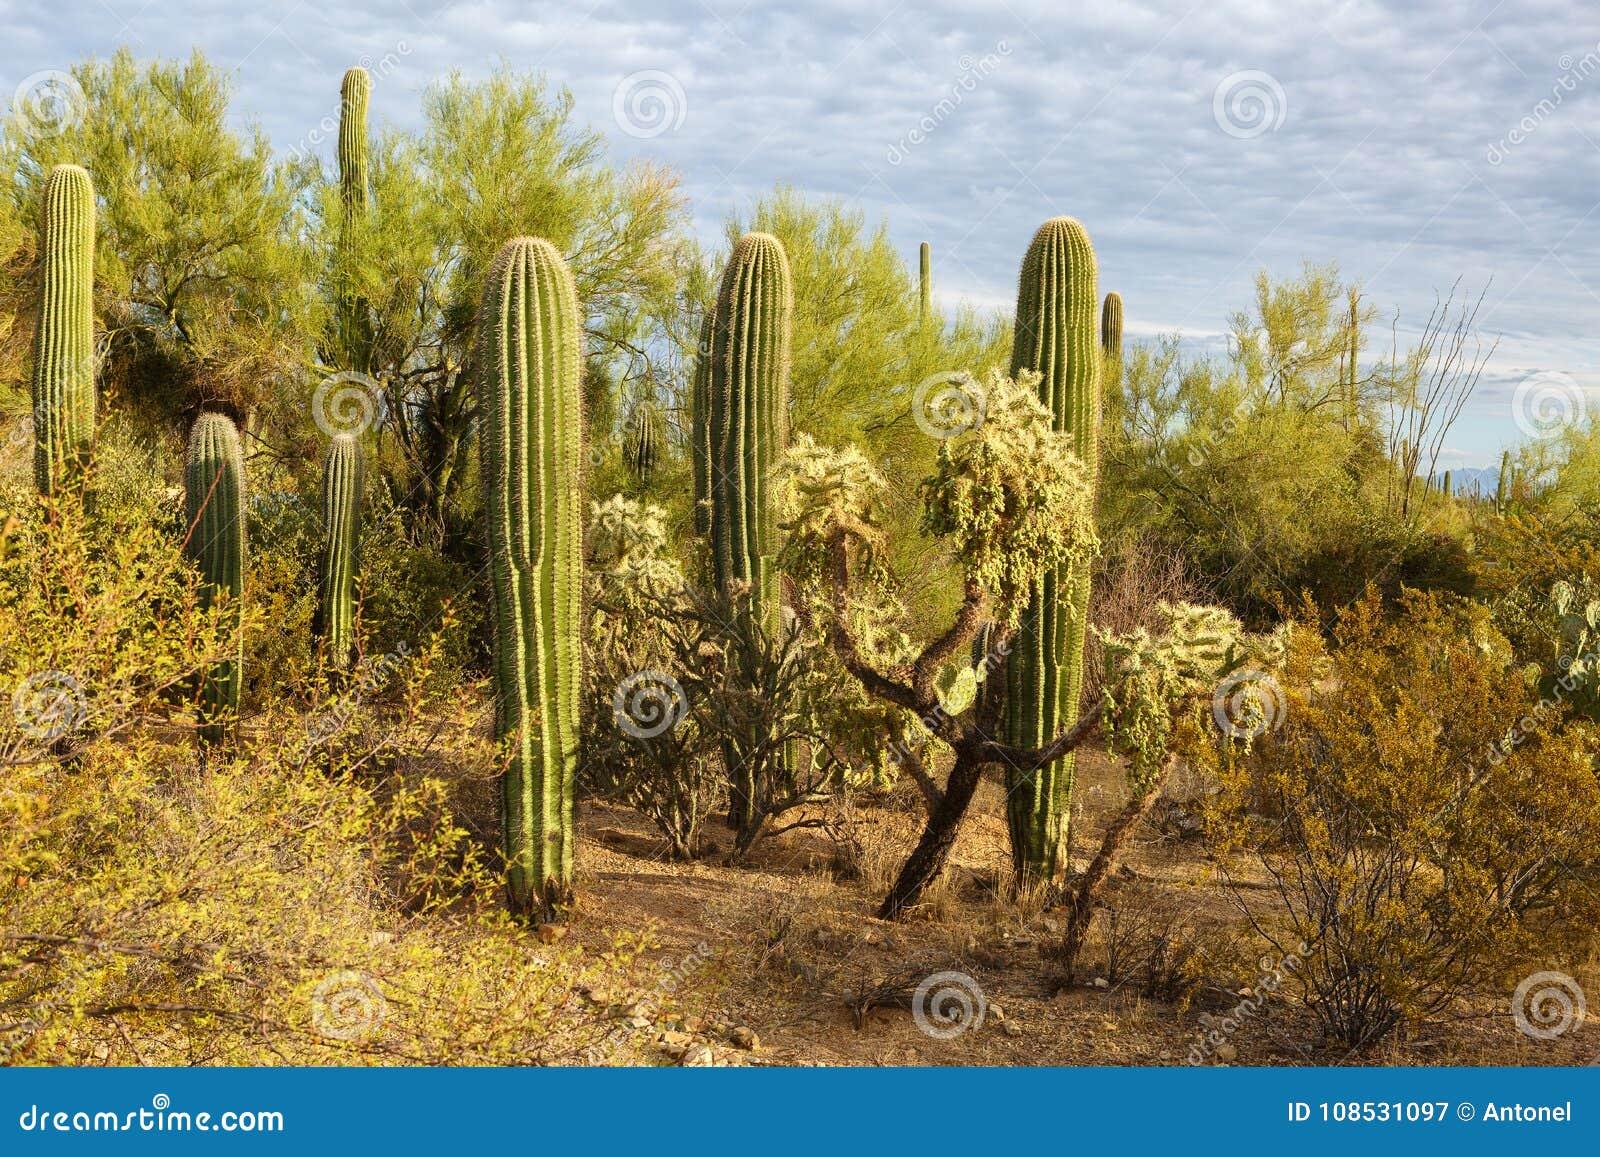 仙人掌丛林在日落的巨人柱国家公园,东南亚利桑那,美国